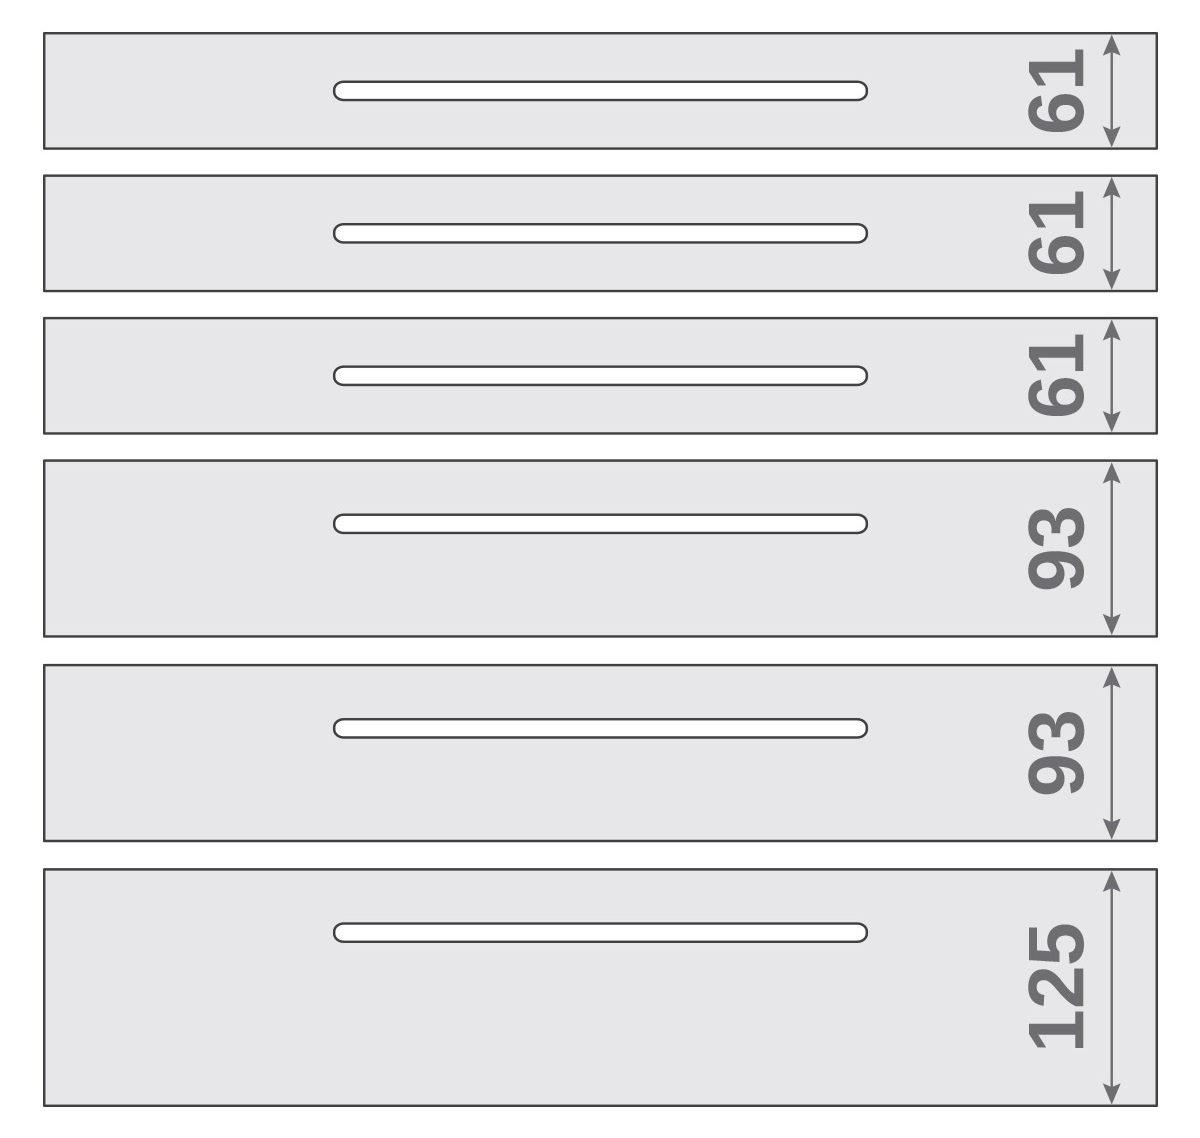 ПАНОК-СОЛО 600 long (каталожний номер 15.1-15.6), Каталожний номер 15.4